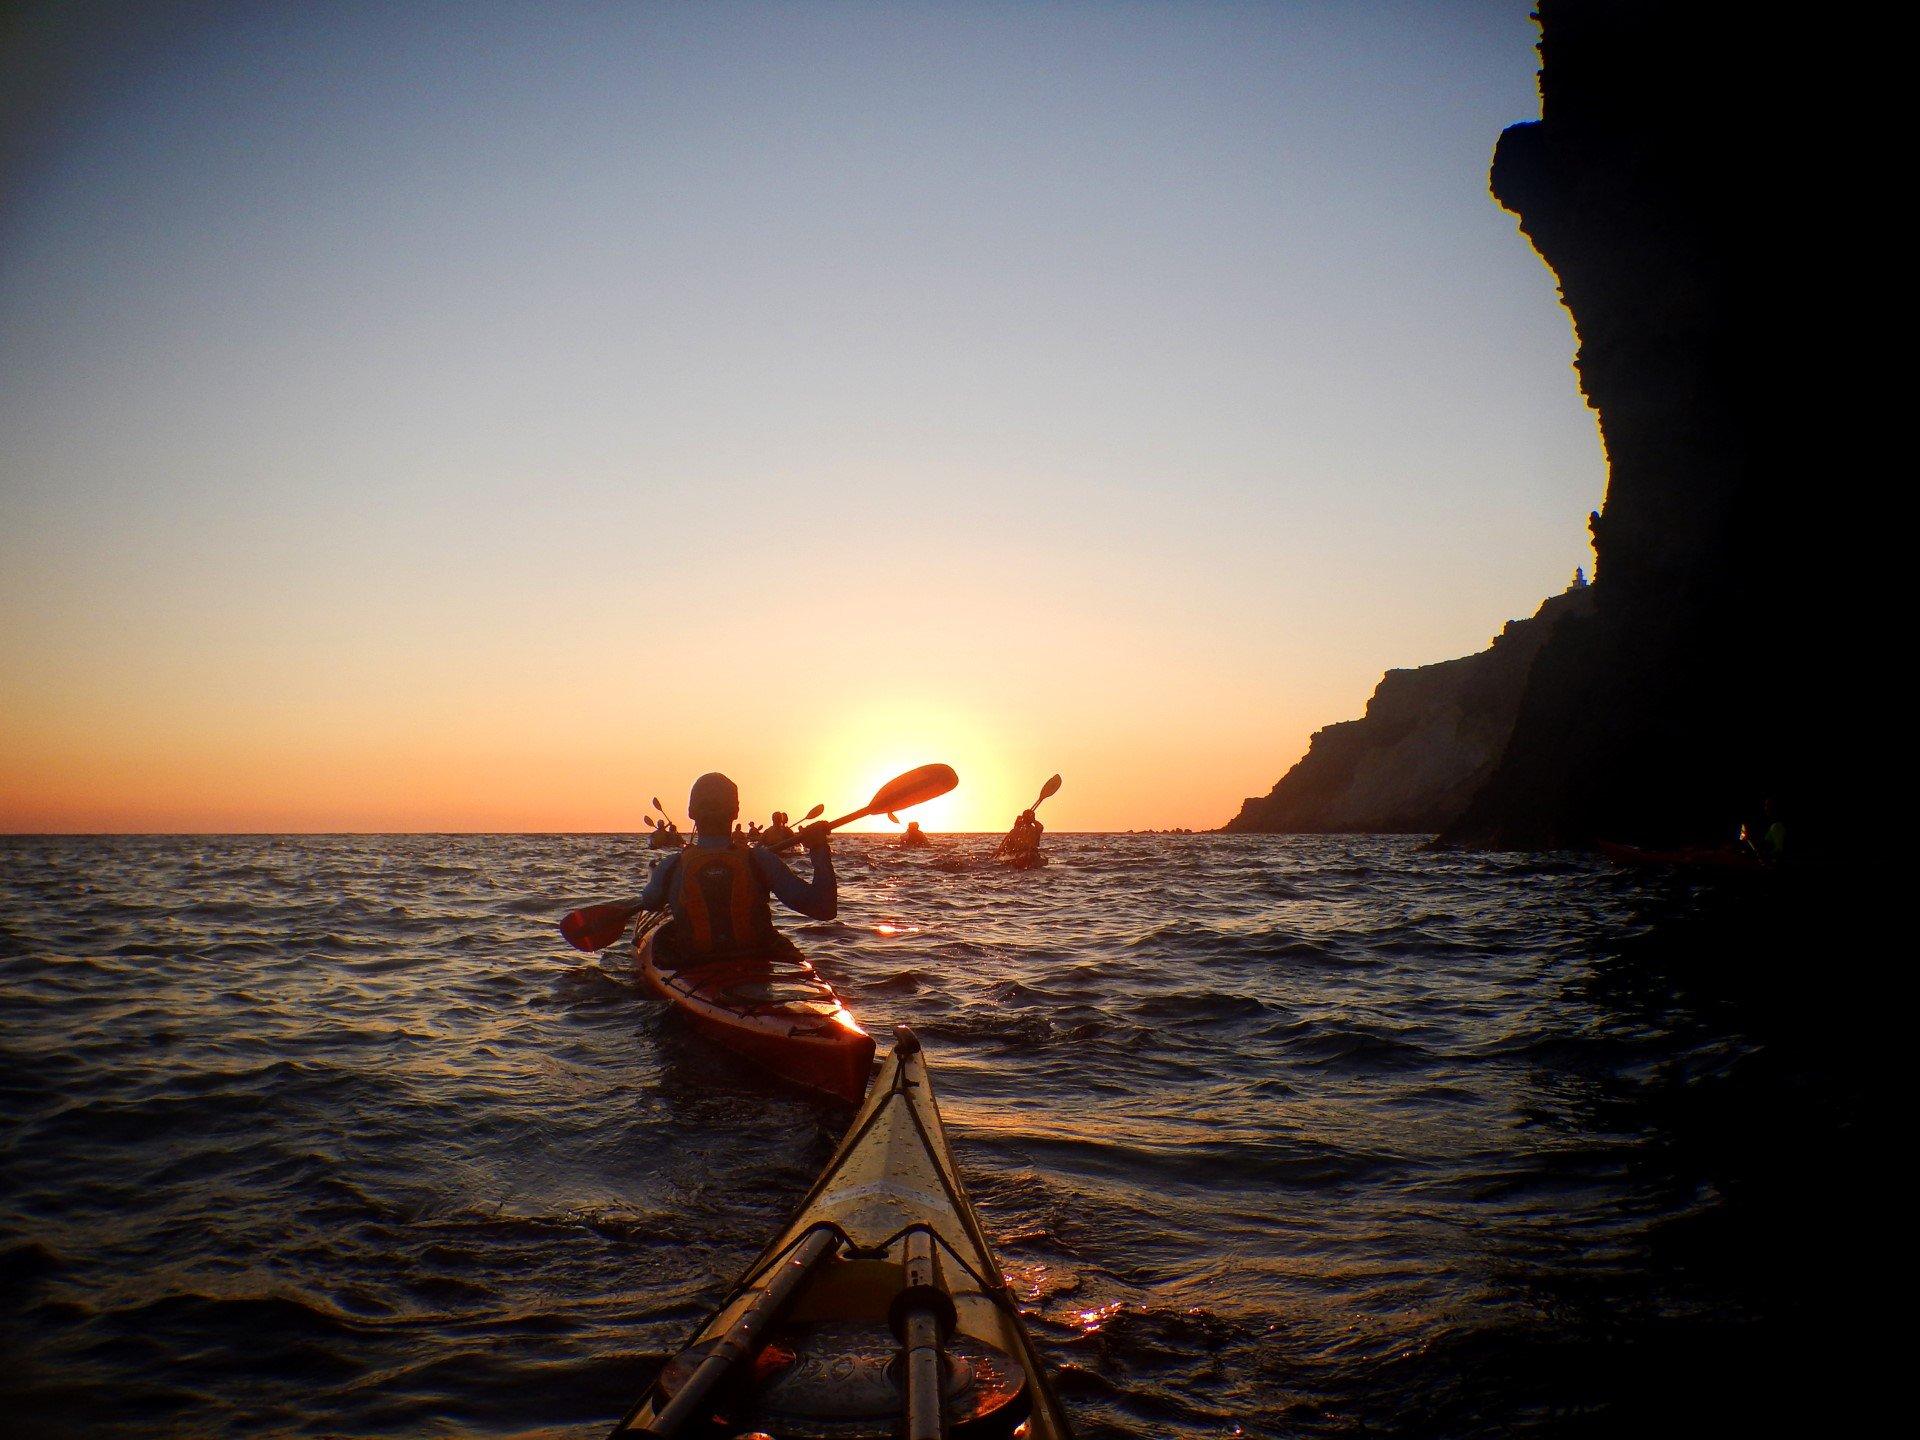 Admire The Beautiful Sunset On The Sunset Sea Kayak & Snorkeling Tour In Santorini_92